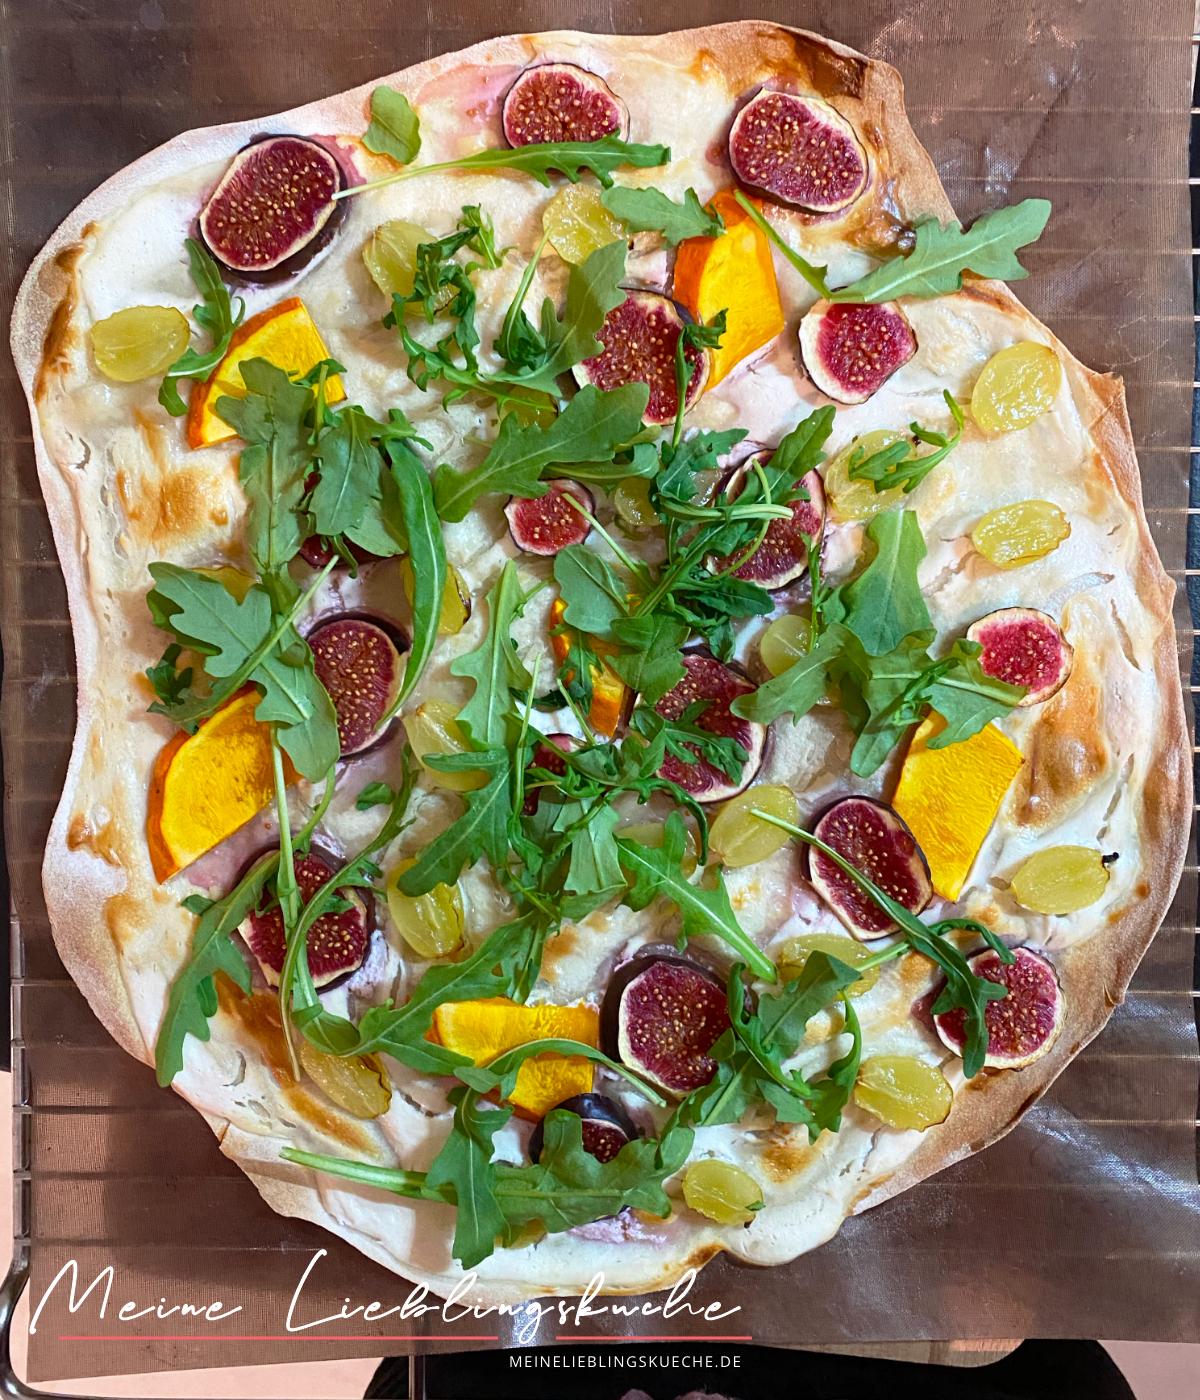 Flammkuchen mit Kürbis, Feigen, Trauben und Rucola